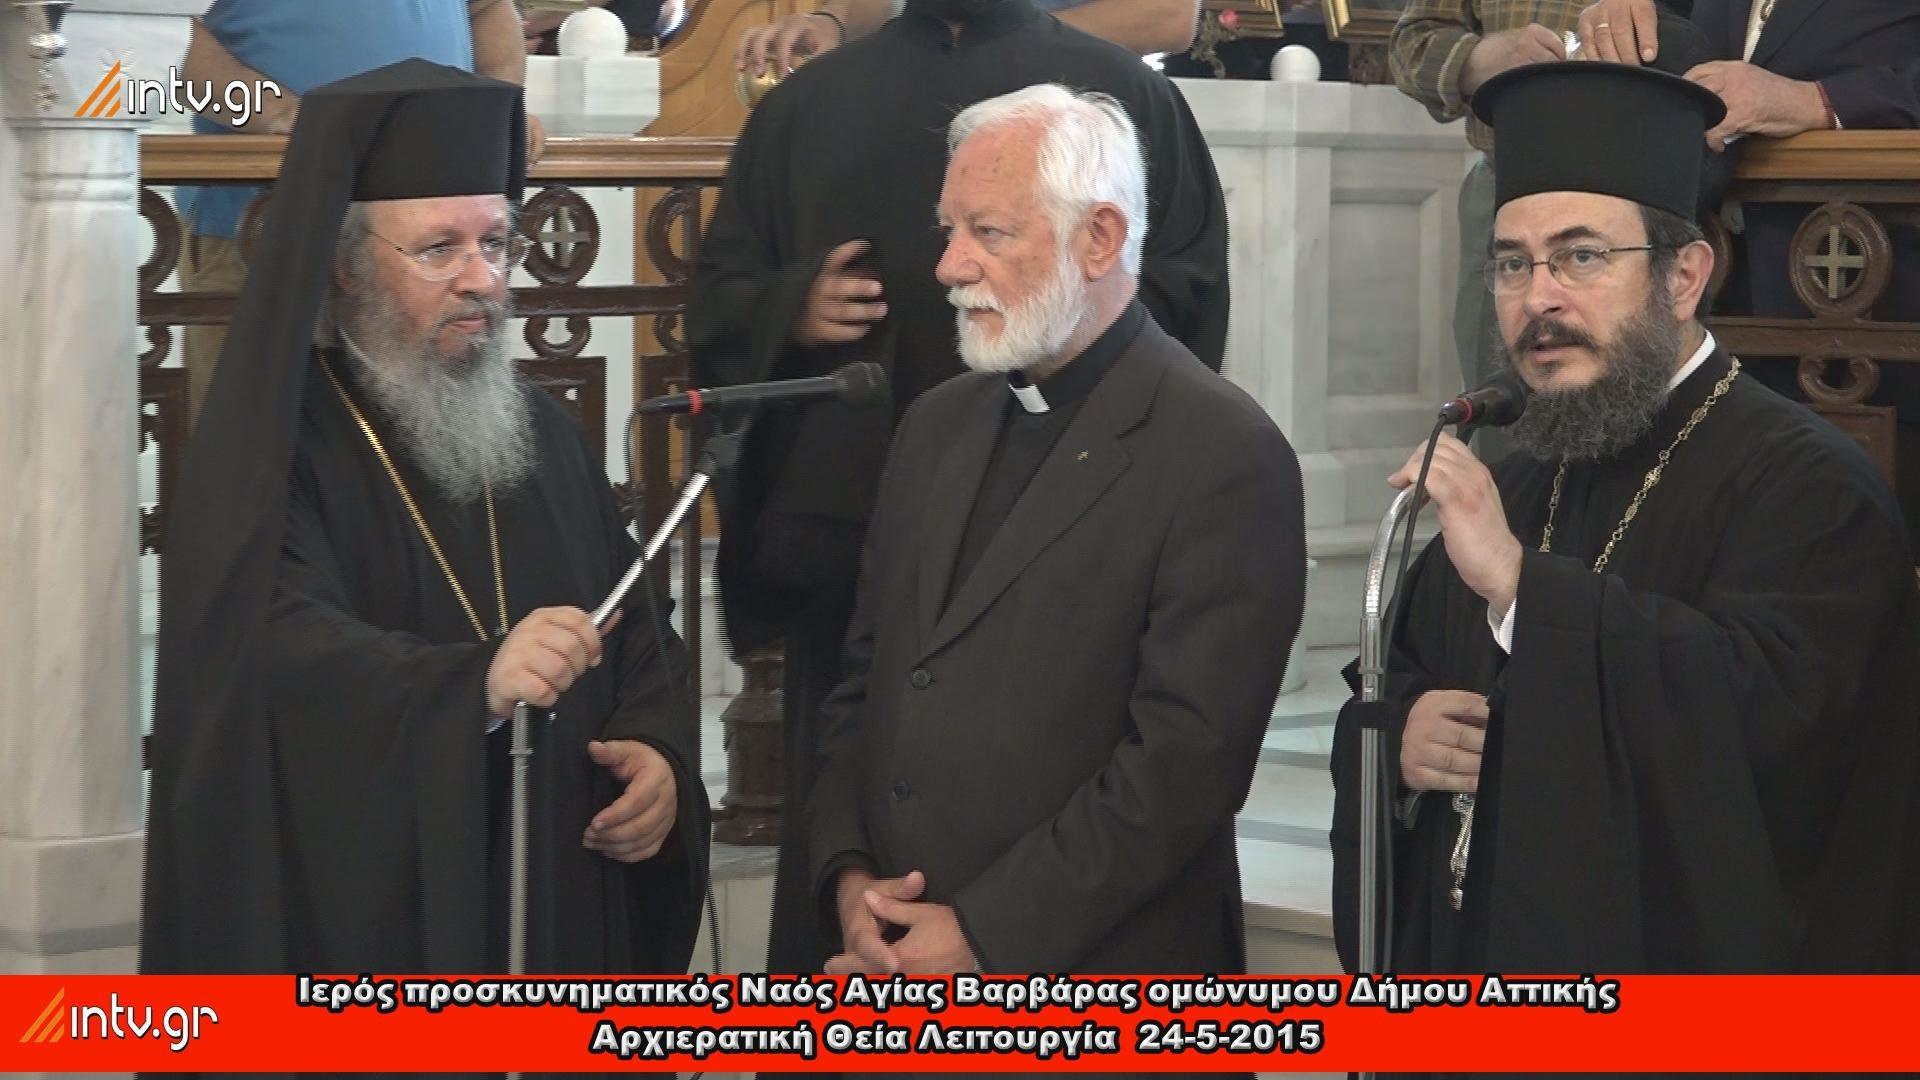 Ιερός προσκυνηματικός Ναός Αγίας Βαρβάρας ομώνυμου Δήμου Αττικής -  Αρχιερατική Θεία Λειτουργία.